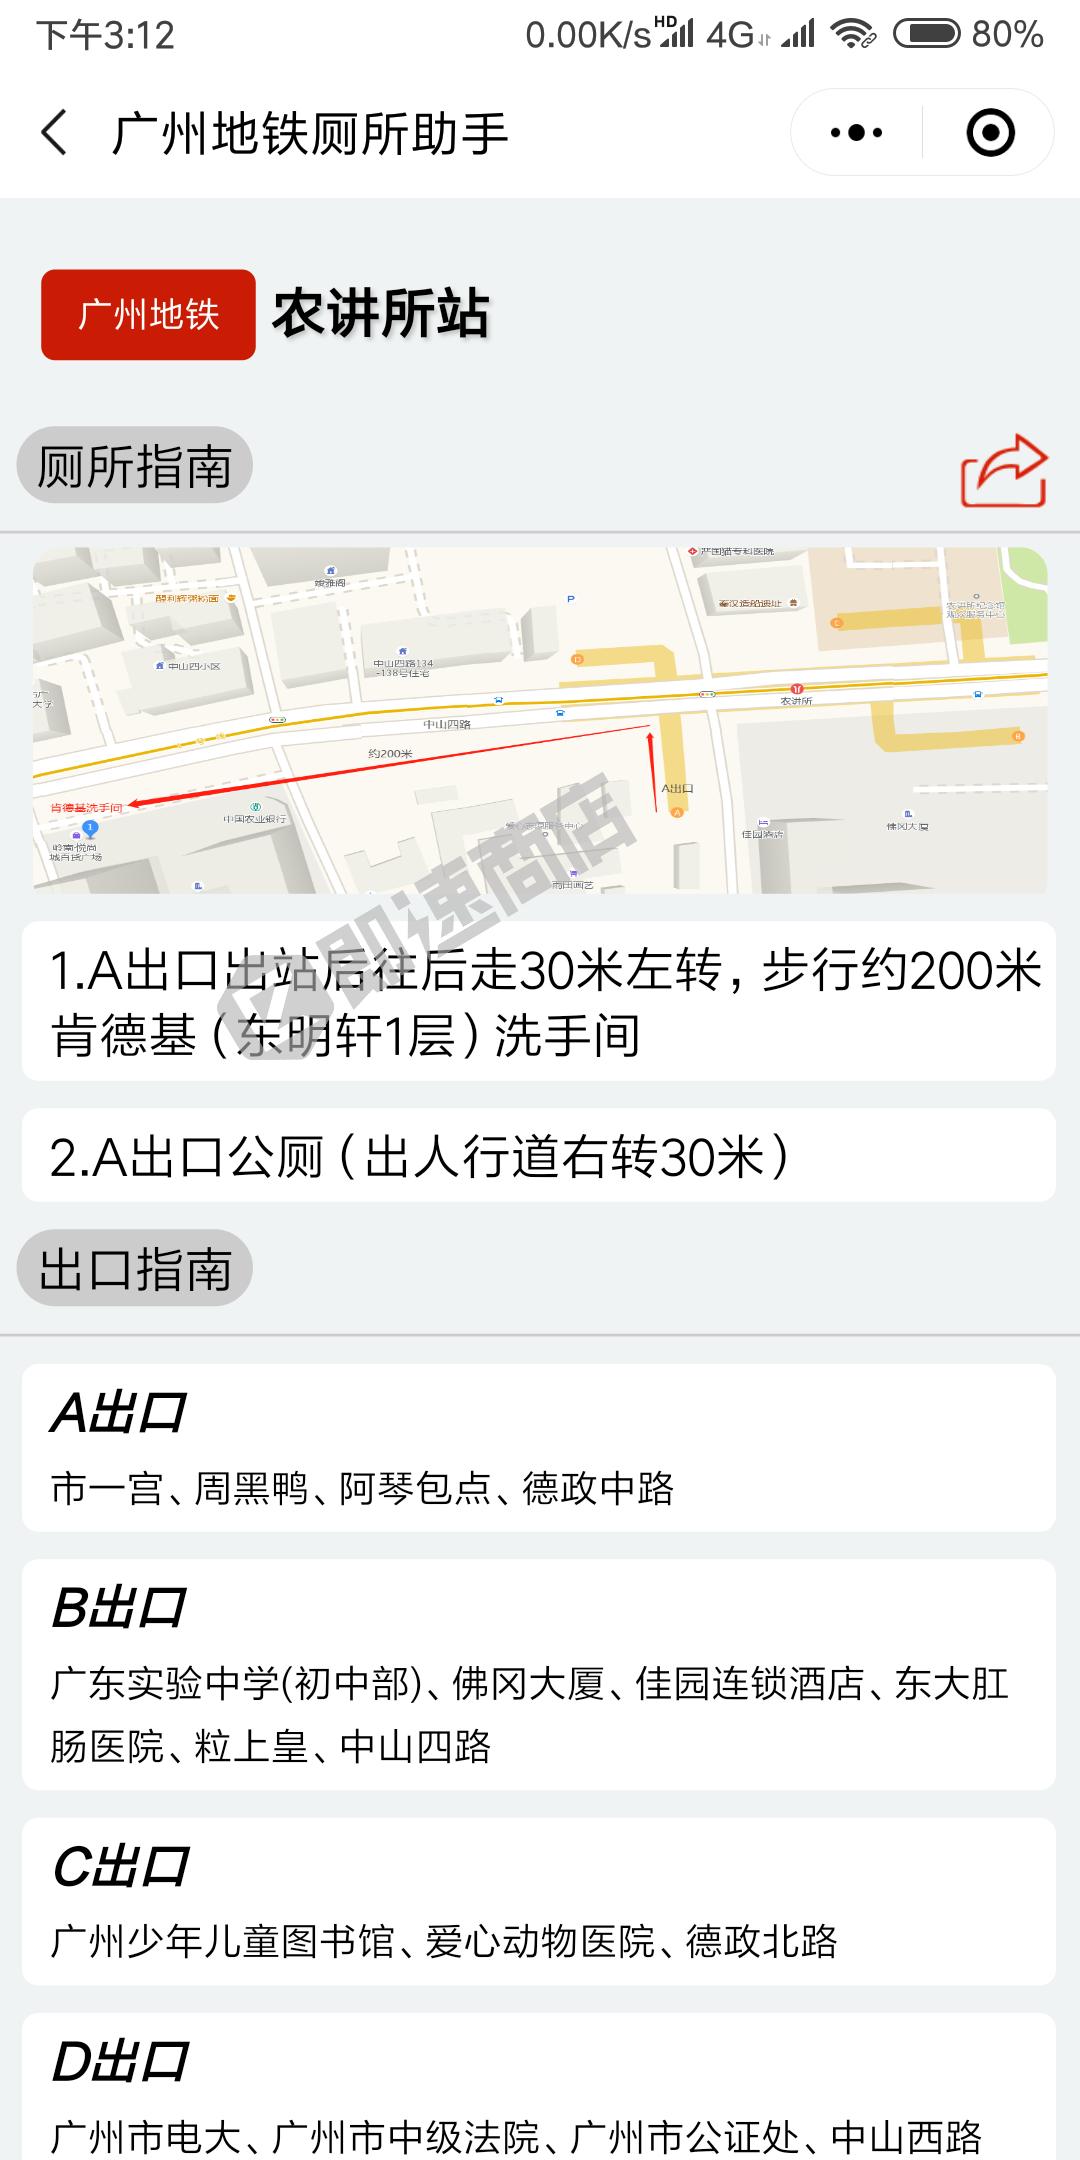 广州地铁厕所助手小程序首页截图